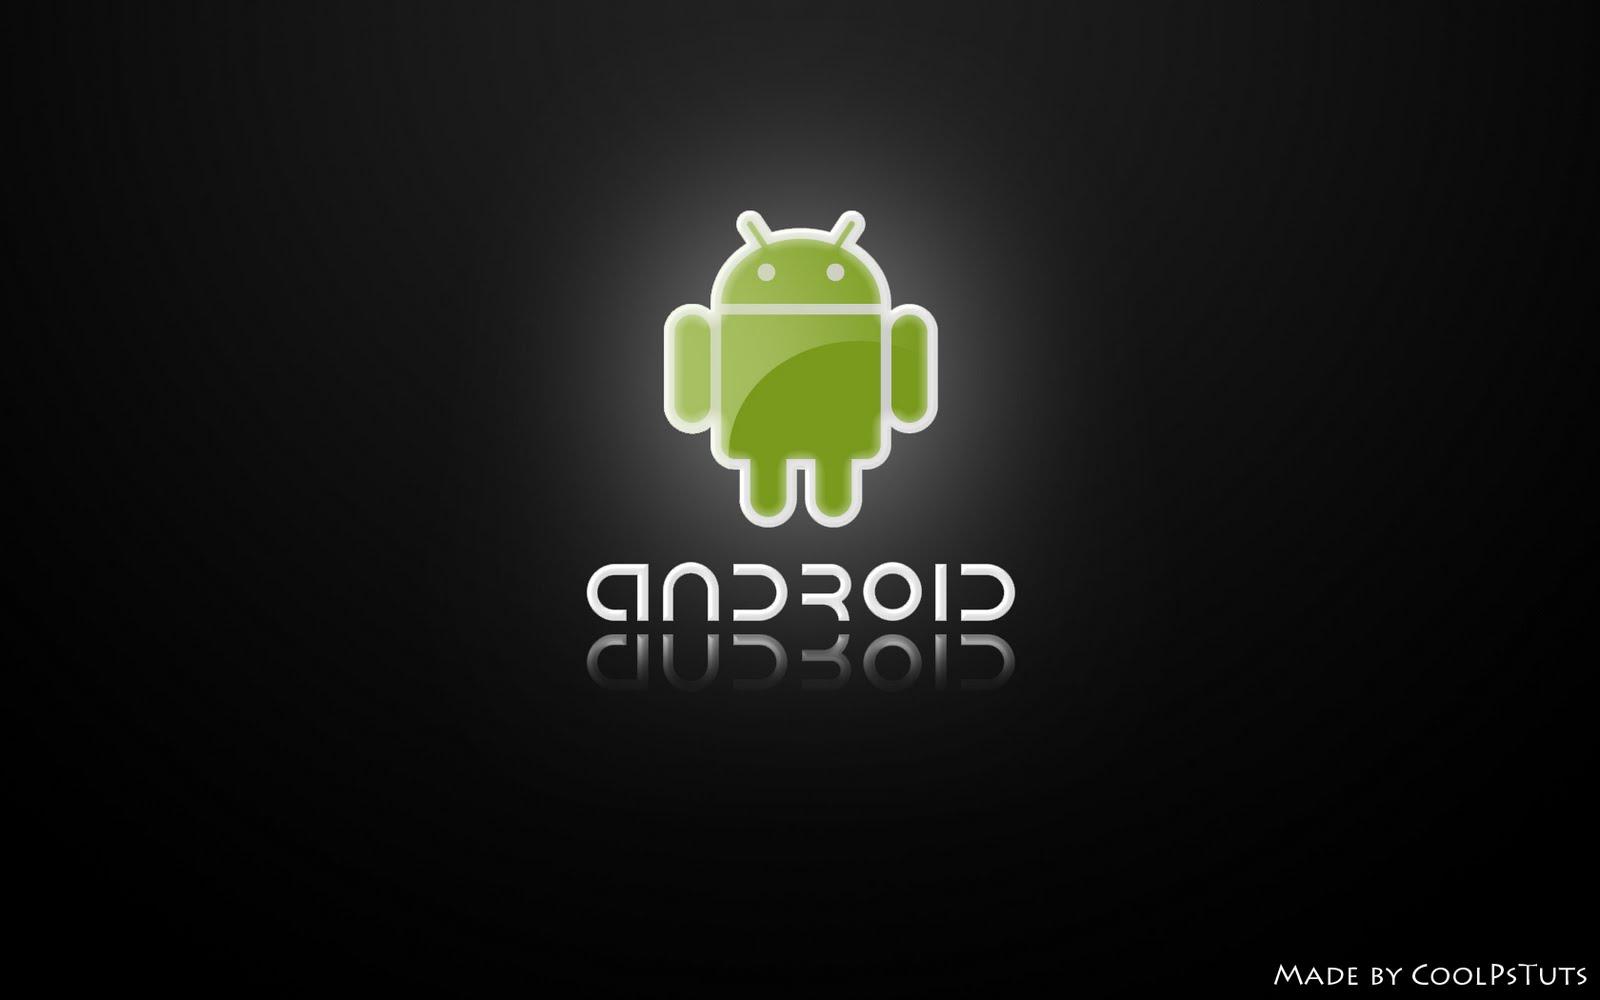 http://2.bp.blogspot.com/-23xfJ0GT-gk/Tkne9goT9CI/AAAAAAAABB0/7-msDJ3UWEk/s1600/Android-wallpaper+%25287%2529.jpg